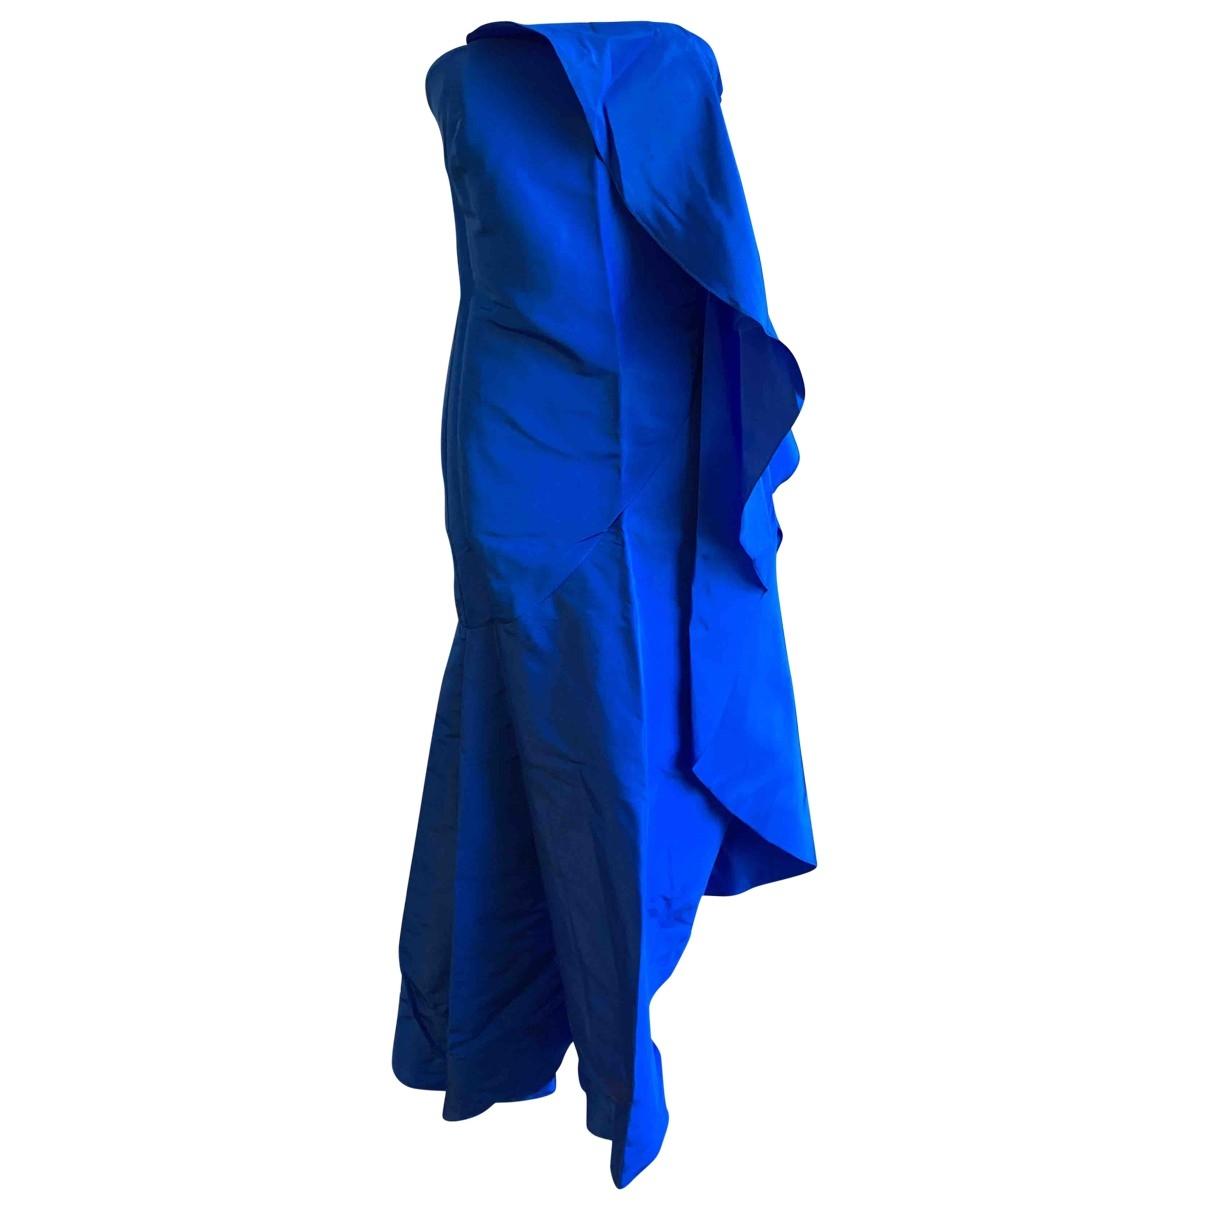 Maxi vestido de Seda Rosie Assoulin